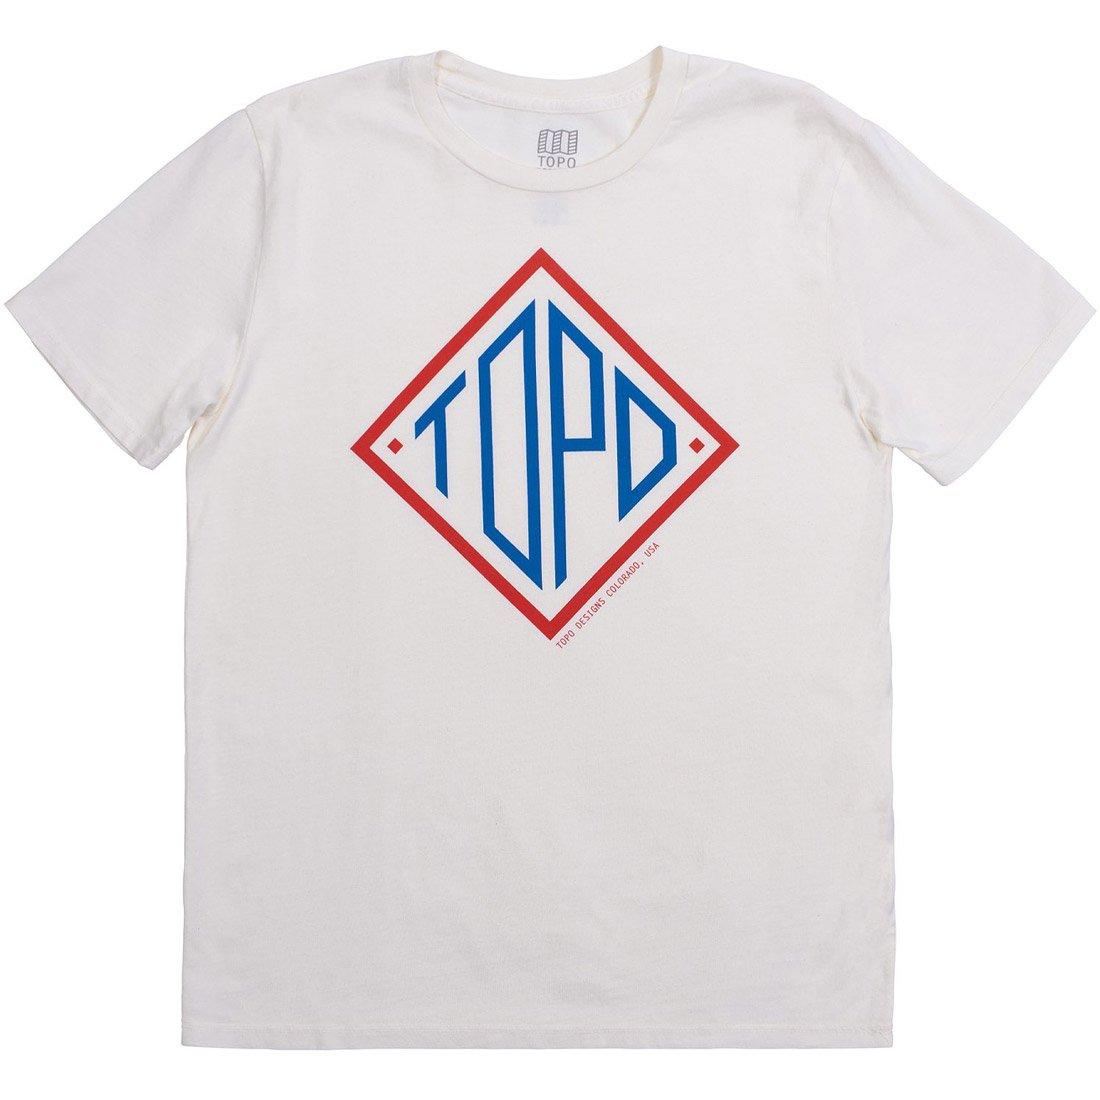 חולצה לגברים - Diamond Tee - Topo Designs